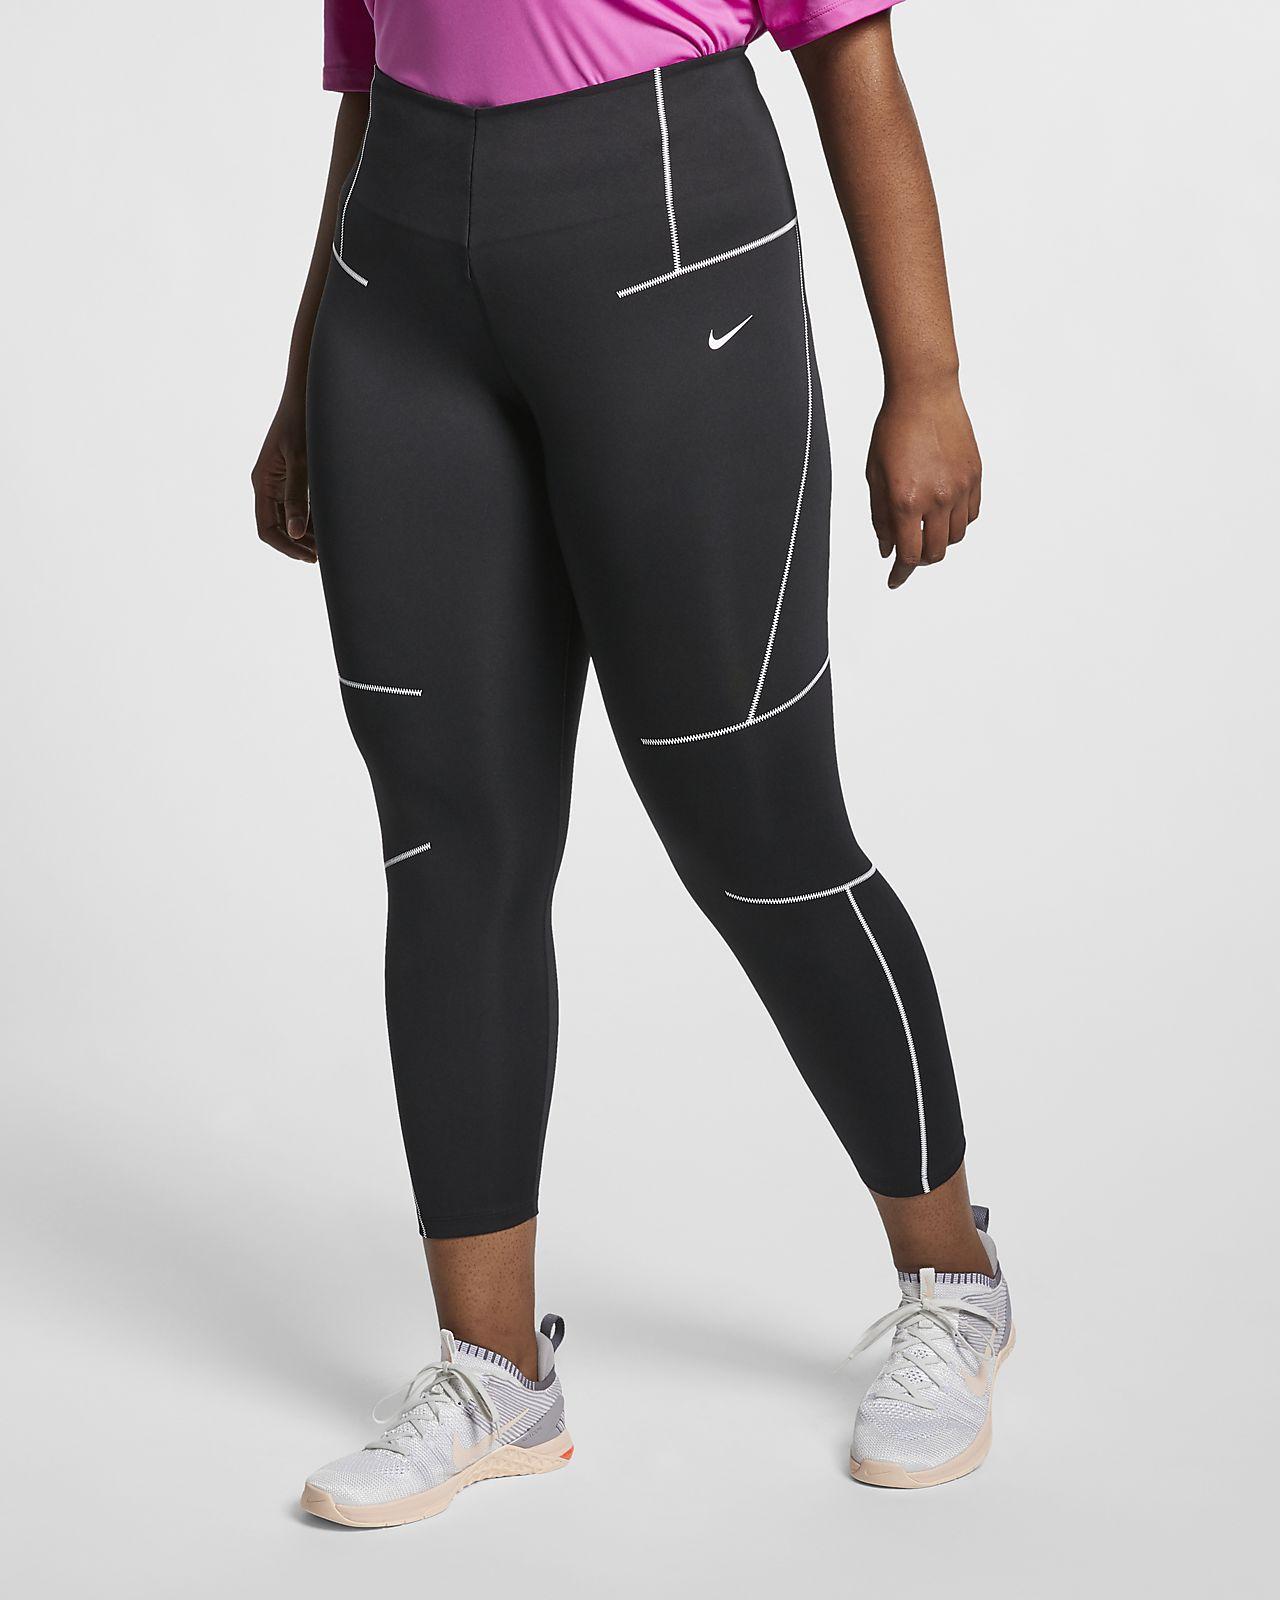 Nike Trainings-Tights für Damen (große Größe)